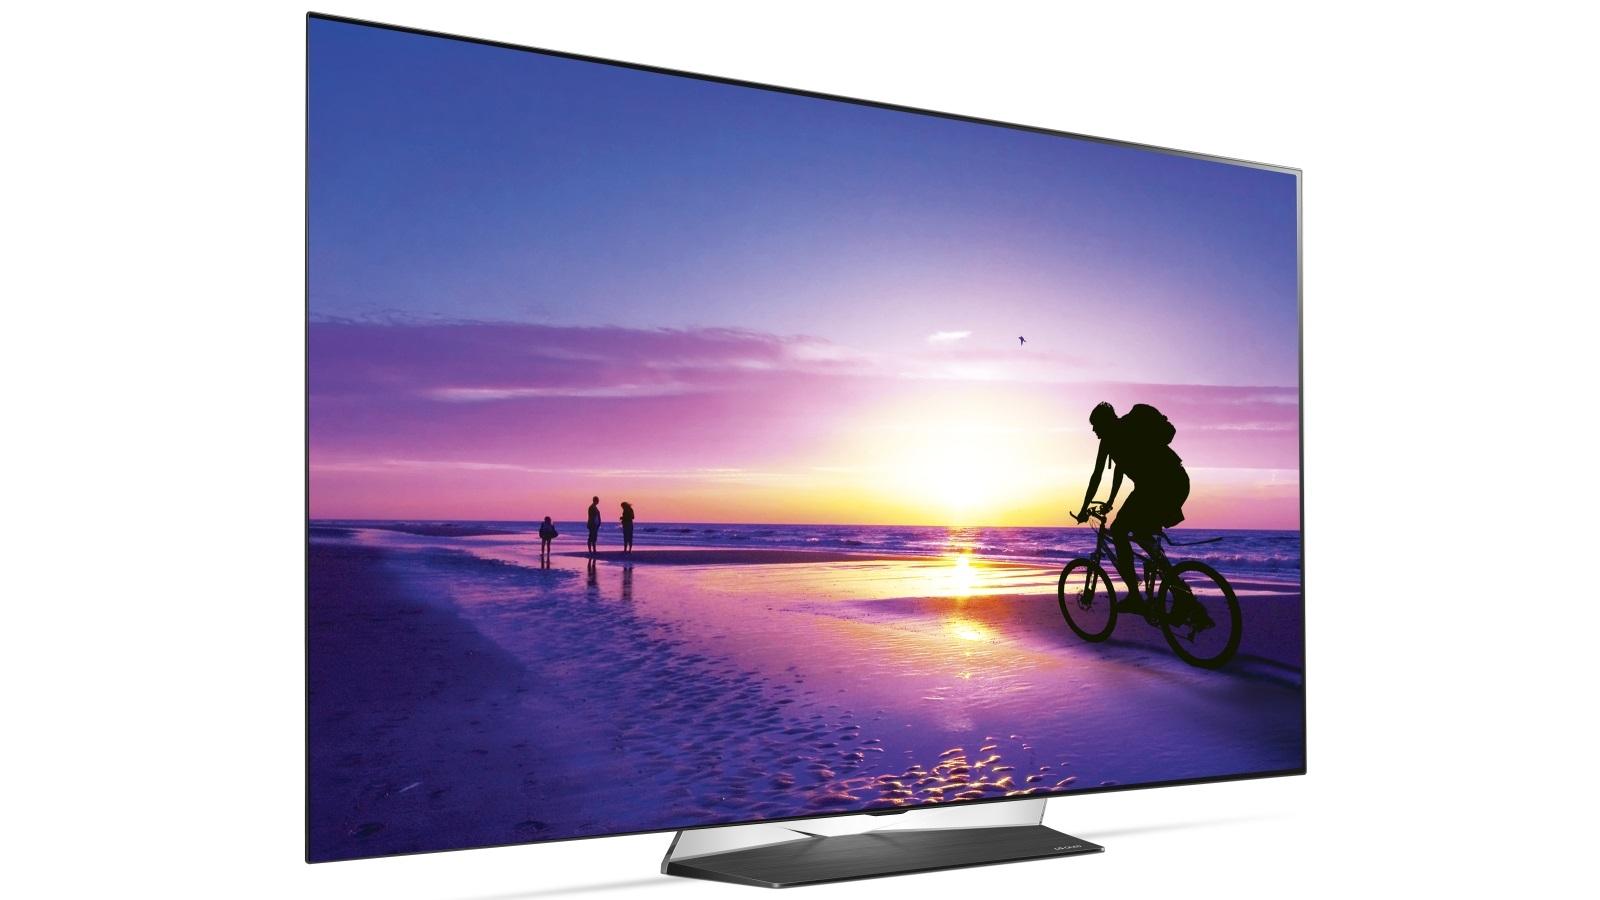 TV OLED 4K : comment choisir le meilleur modèle ?